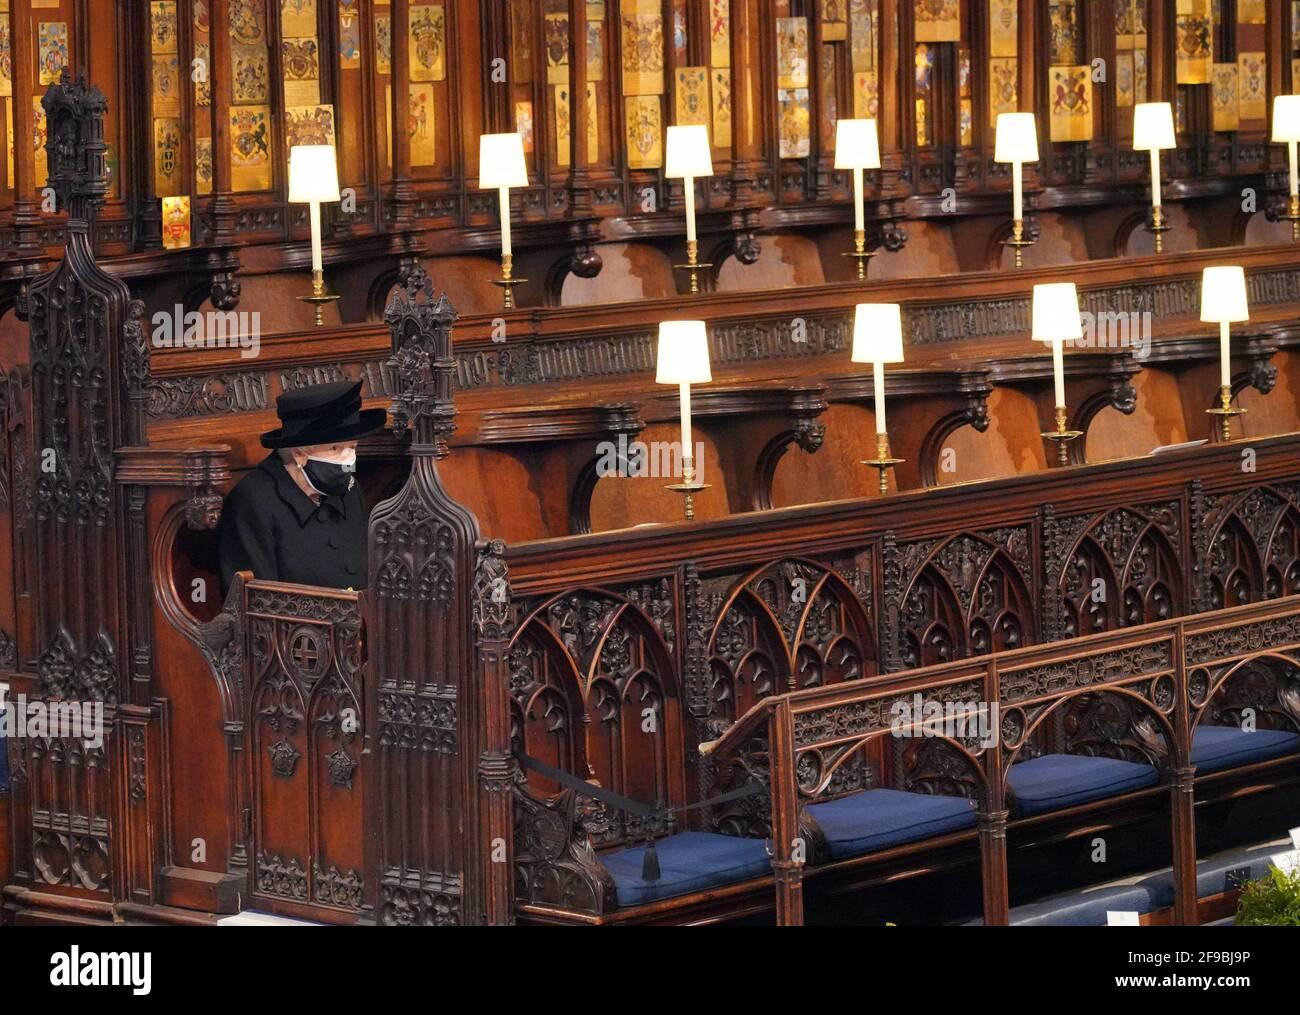 La reine Elizabeth II prend place pour les funérailles du duc d'Édimbourg dans la chapelle Saint-Georges, au château de Windsor, dans le Berkshire. Date de la photo: Samedi 17 avril 2021. Banque D'Images